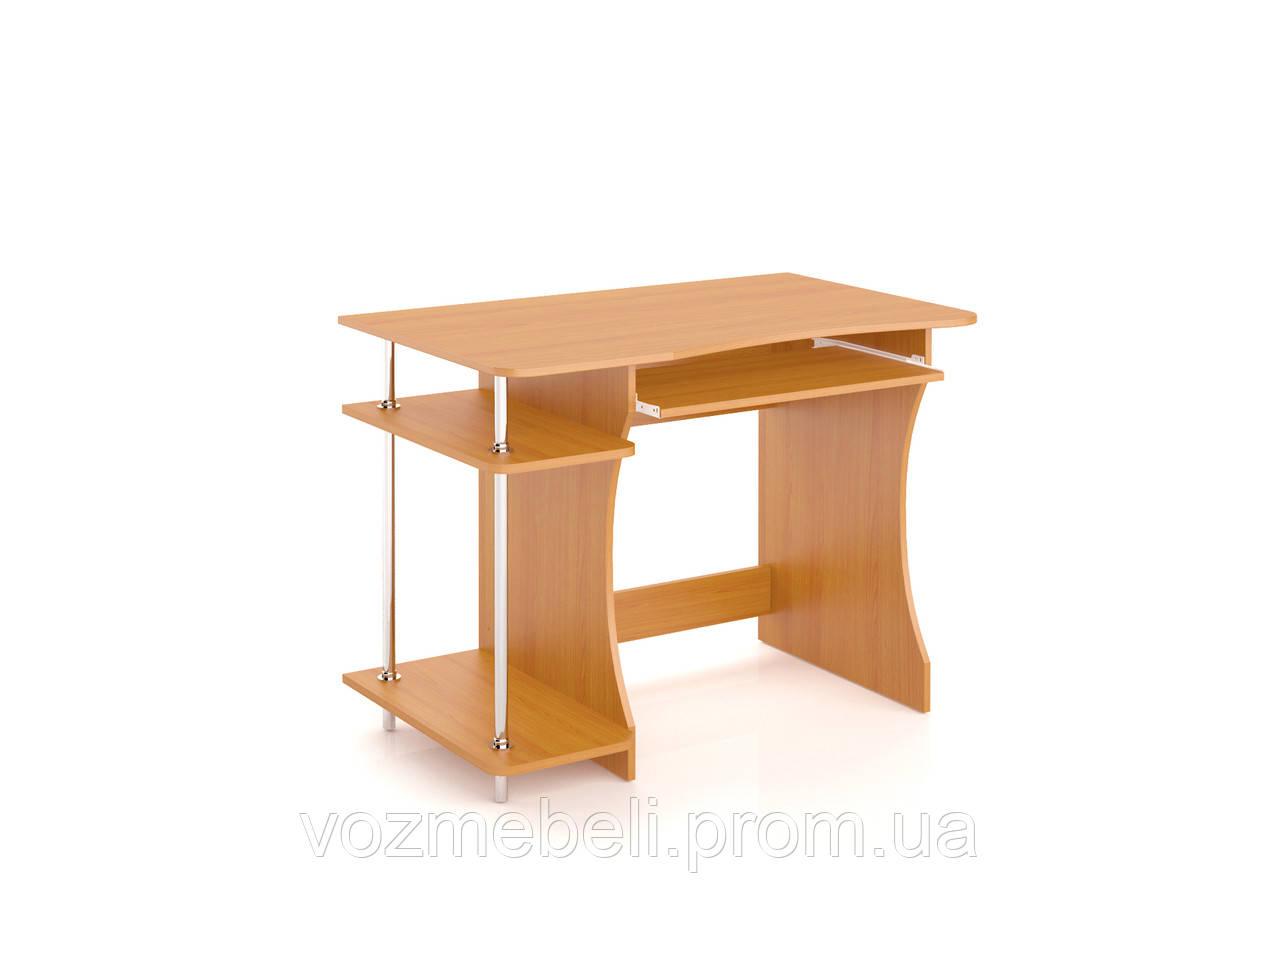 Арт стол СК-204